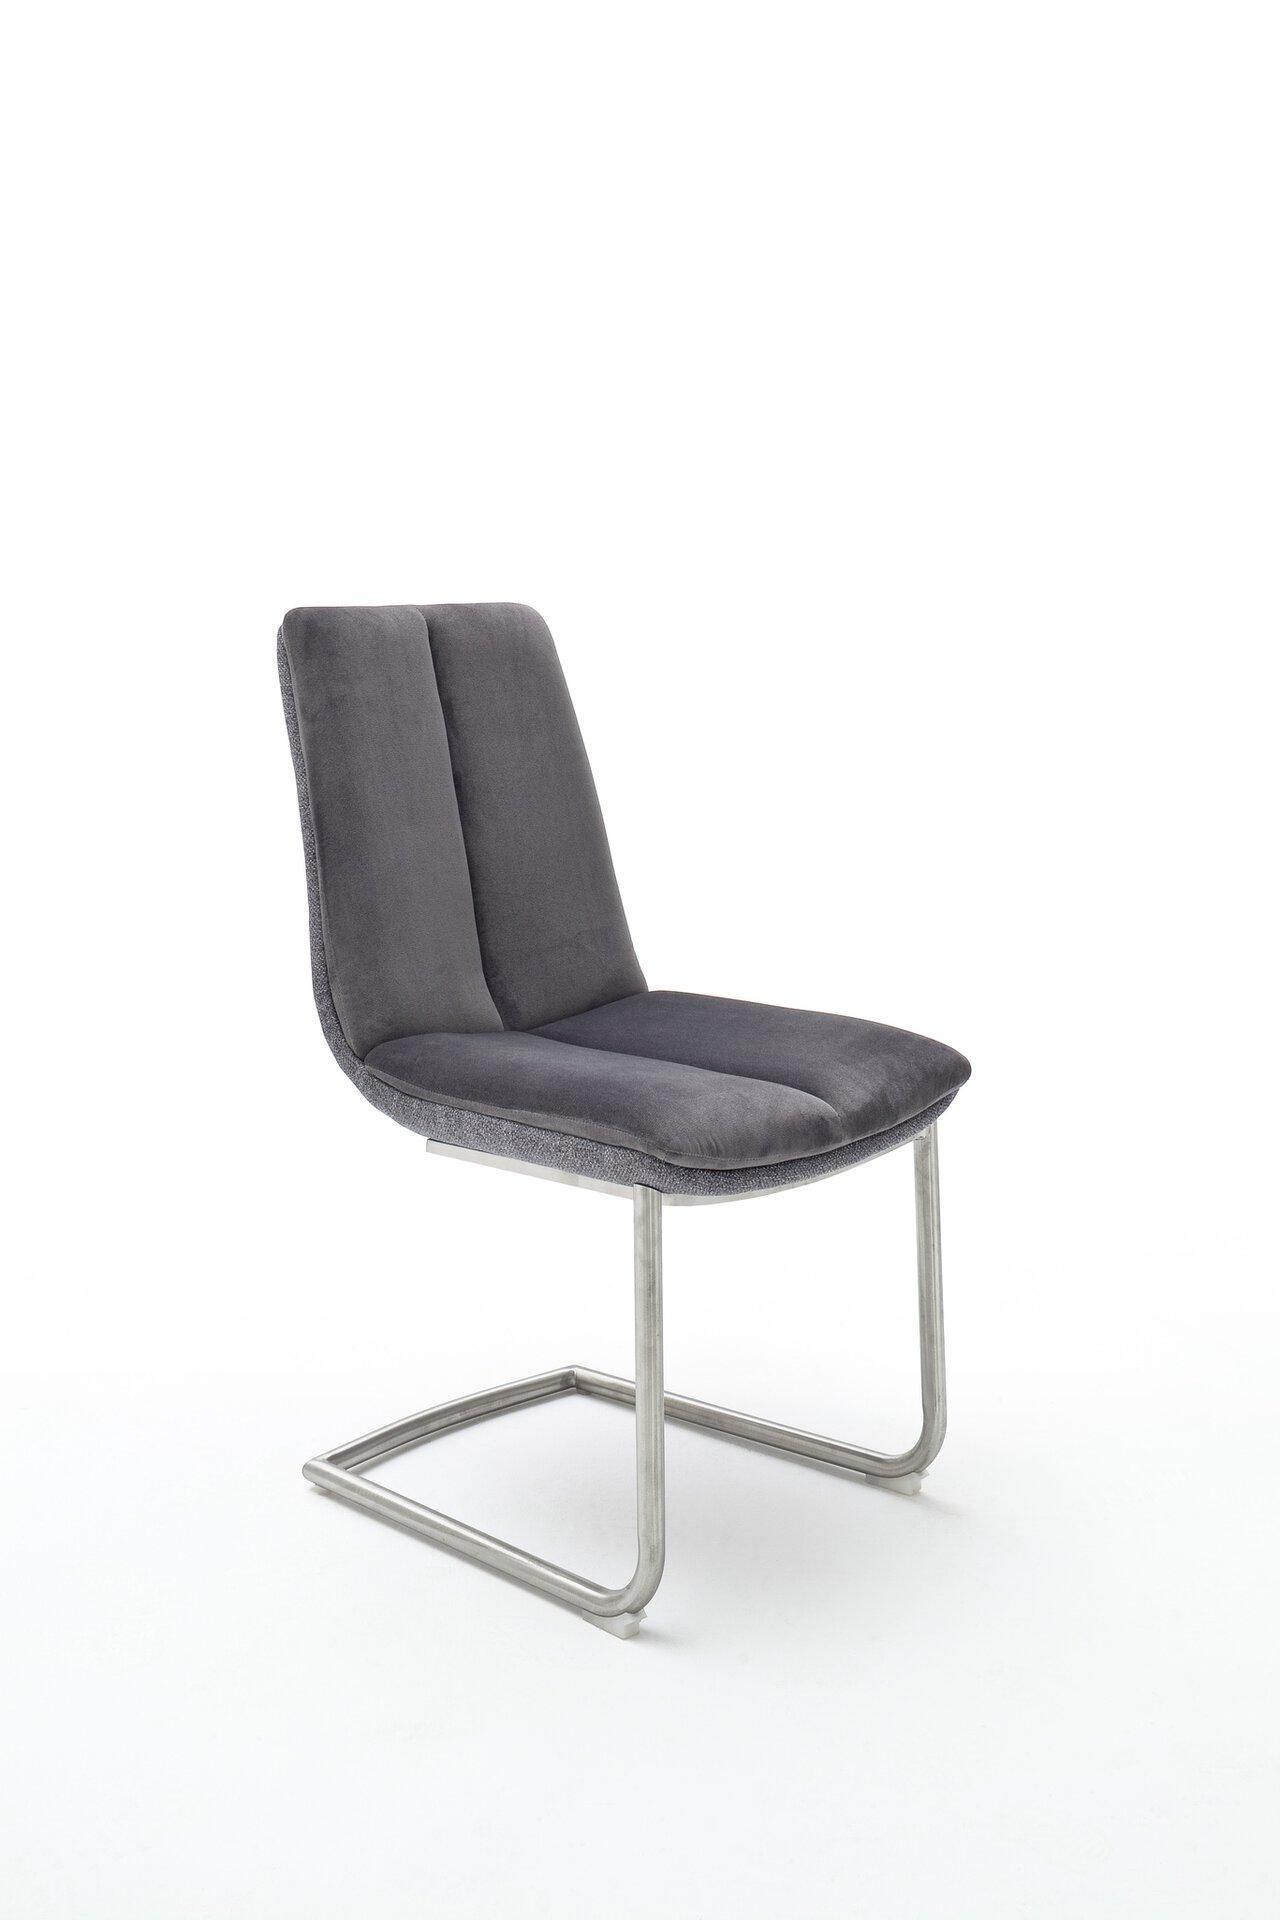 Freischwinger GRIGOR MCA furniture Textil mehrfarbig 65 x 91 x 46 cm